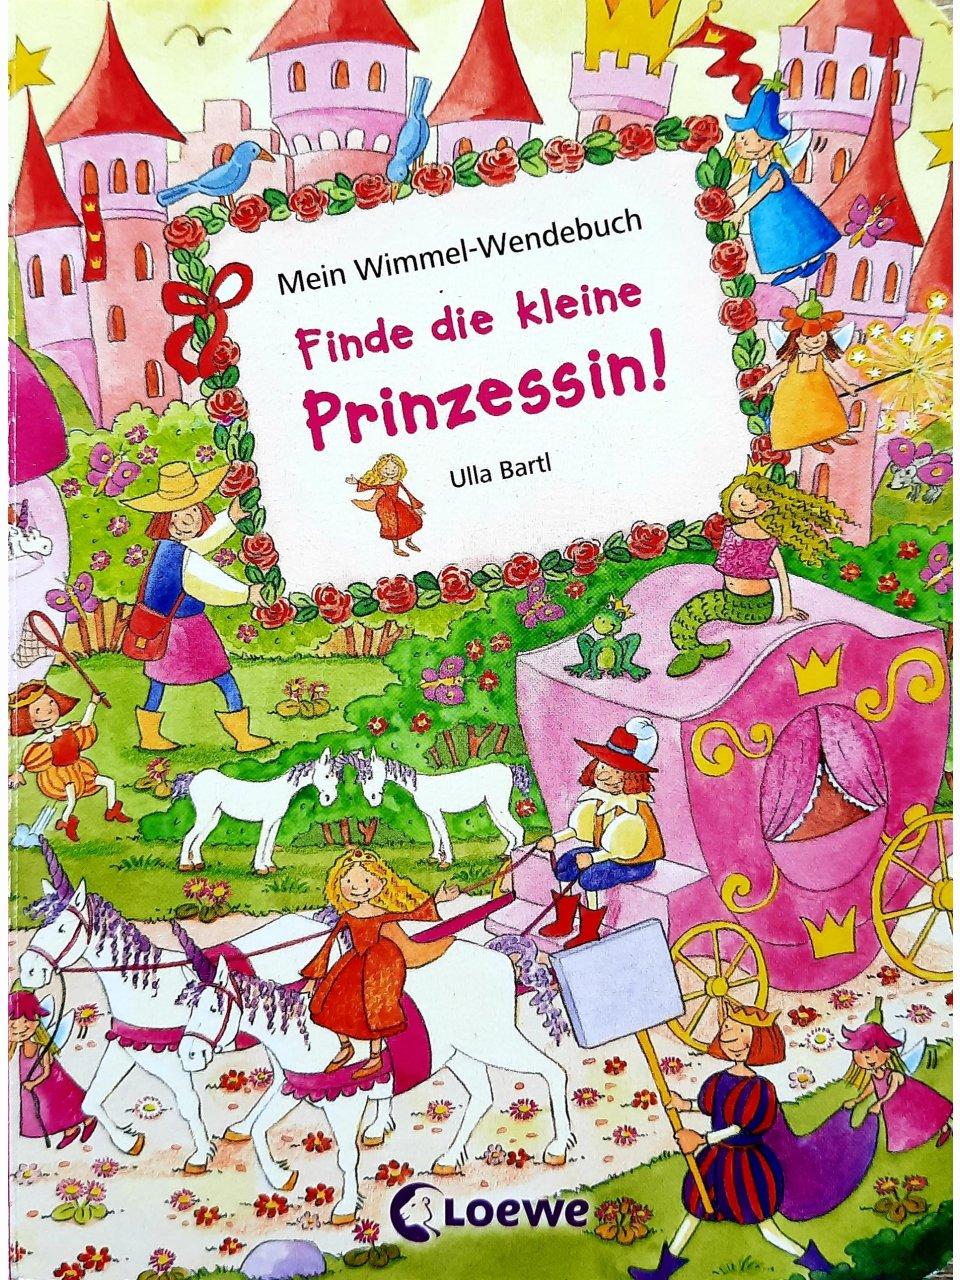 Mein Wimmel-Wendebuch - Finde die kleine Prinzessin! / Finde das kleine Einhorn!